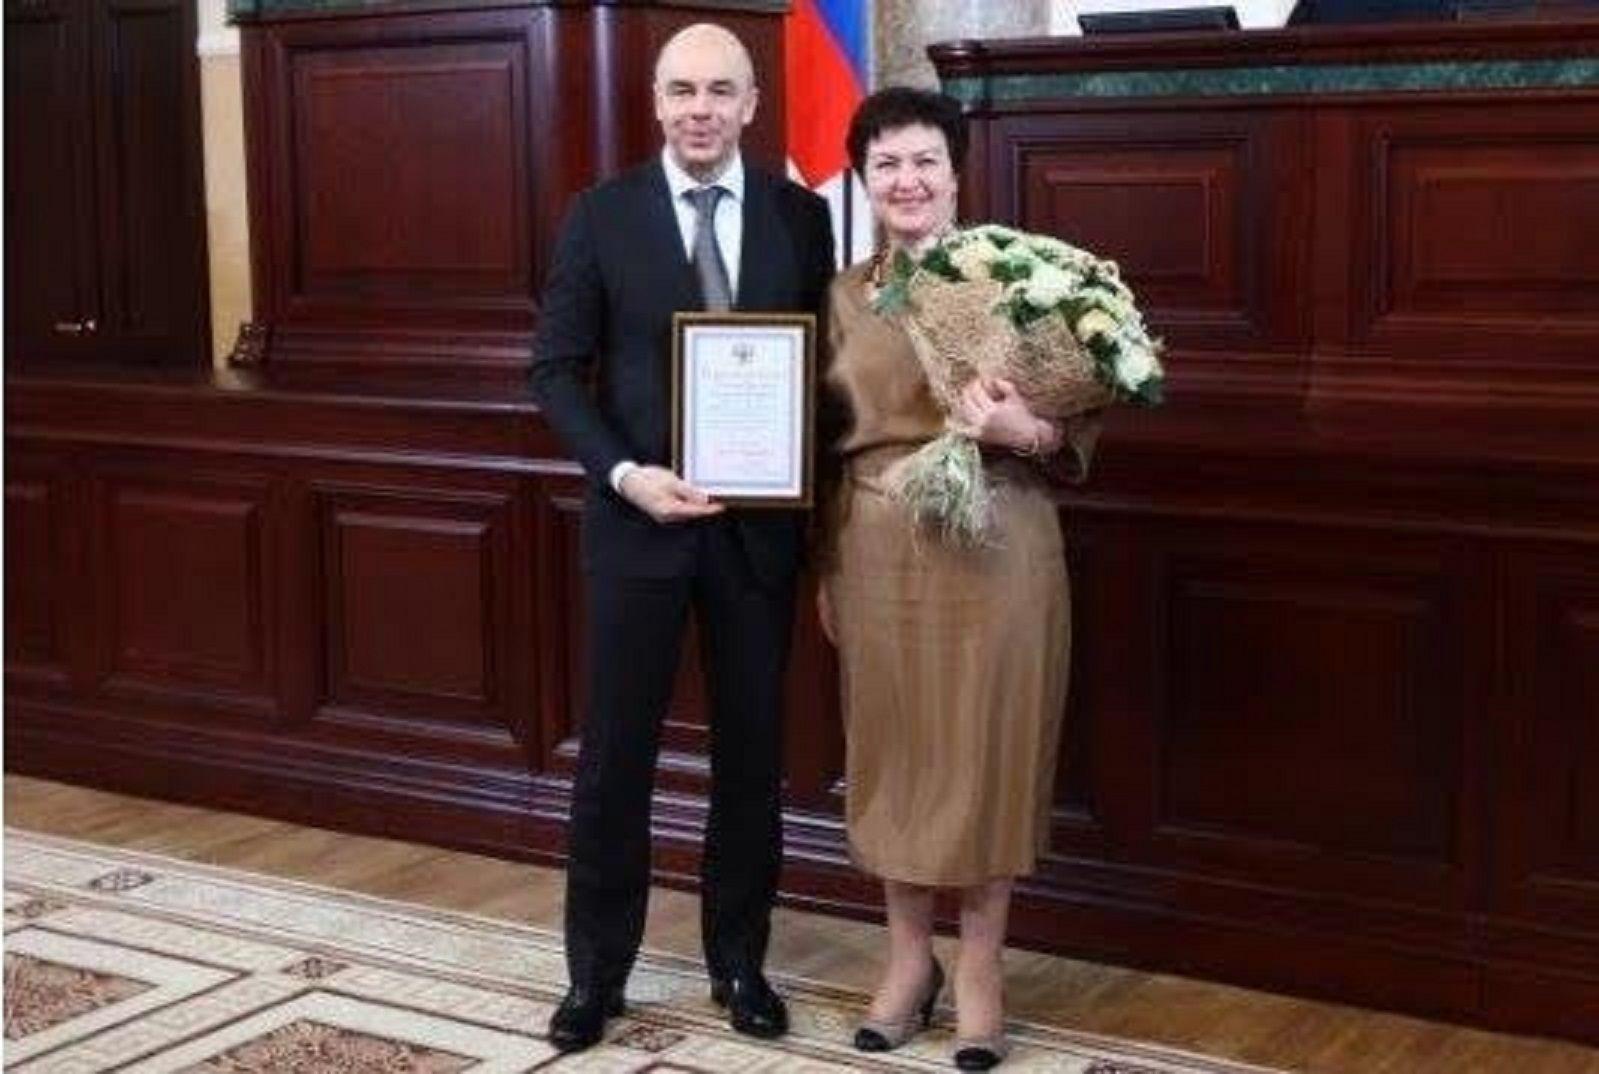 Министр финансов Ставрополья Лариса Калинченко награждена благодарностью министра финансов России